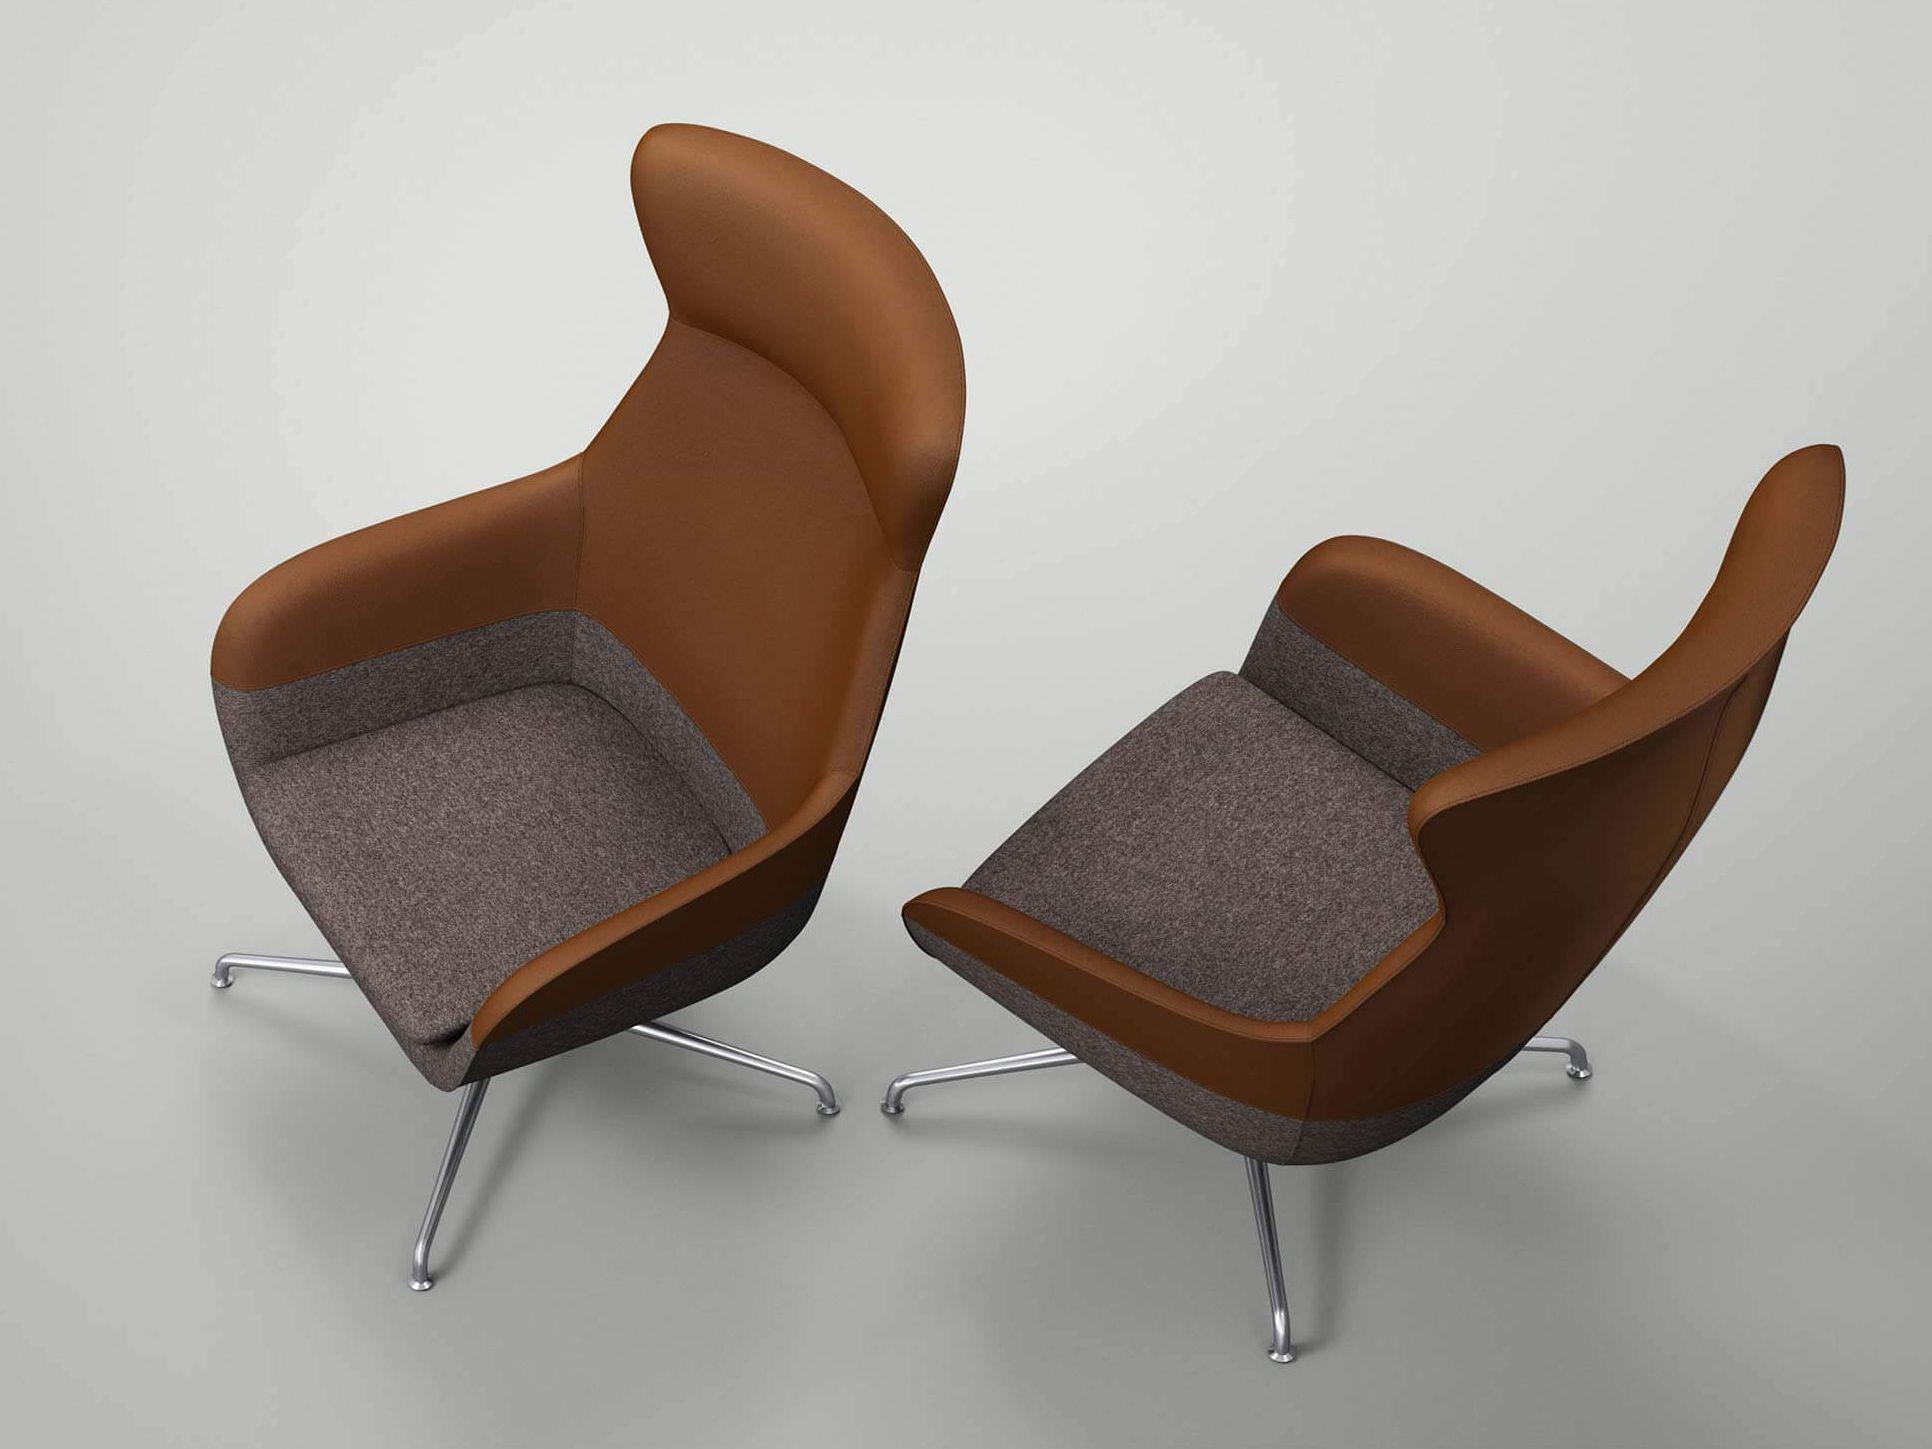 Moderner Stil Produkte by Brunner | Archiproducts